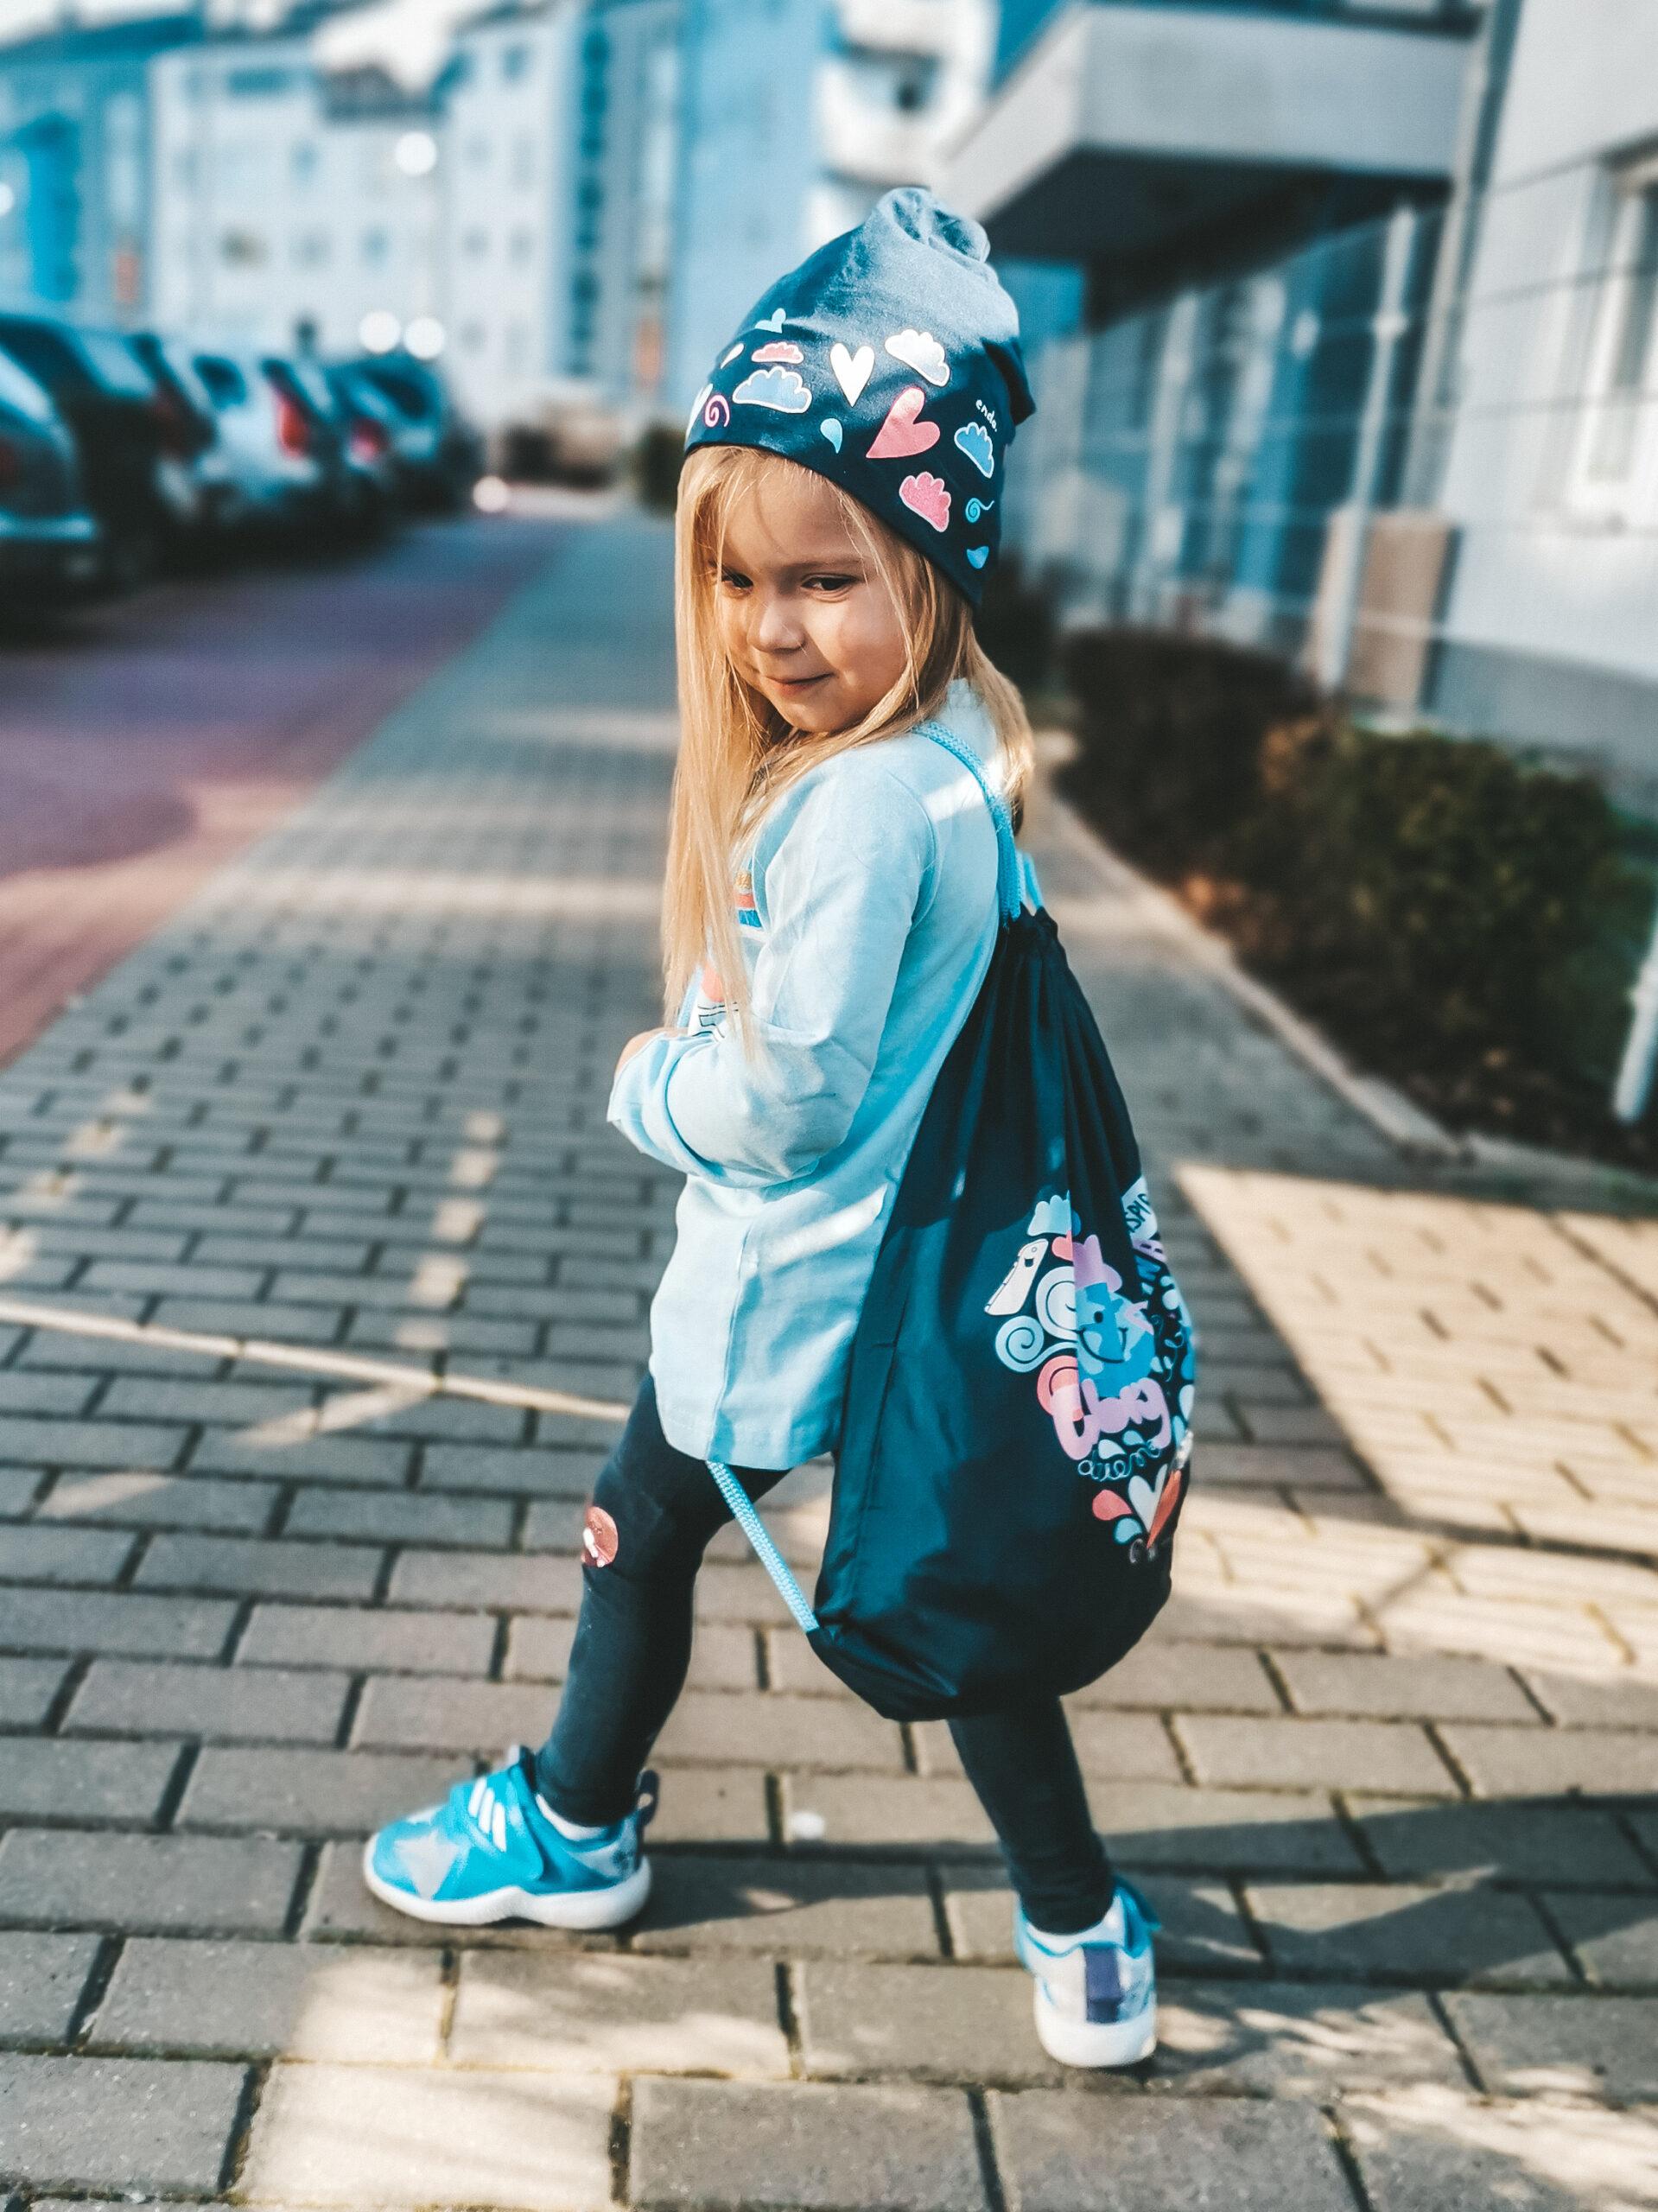 Mała dziewczynka w miejskiej stylizacji złożonej z czapki, worka-plecaka, legginsów i bluzki z długim rękawem.